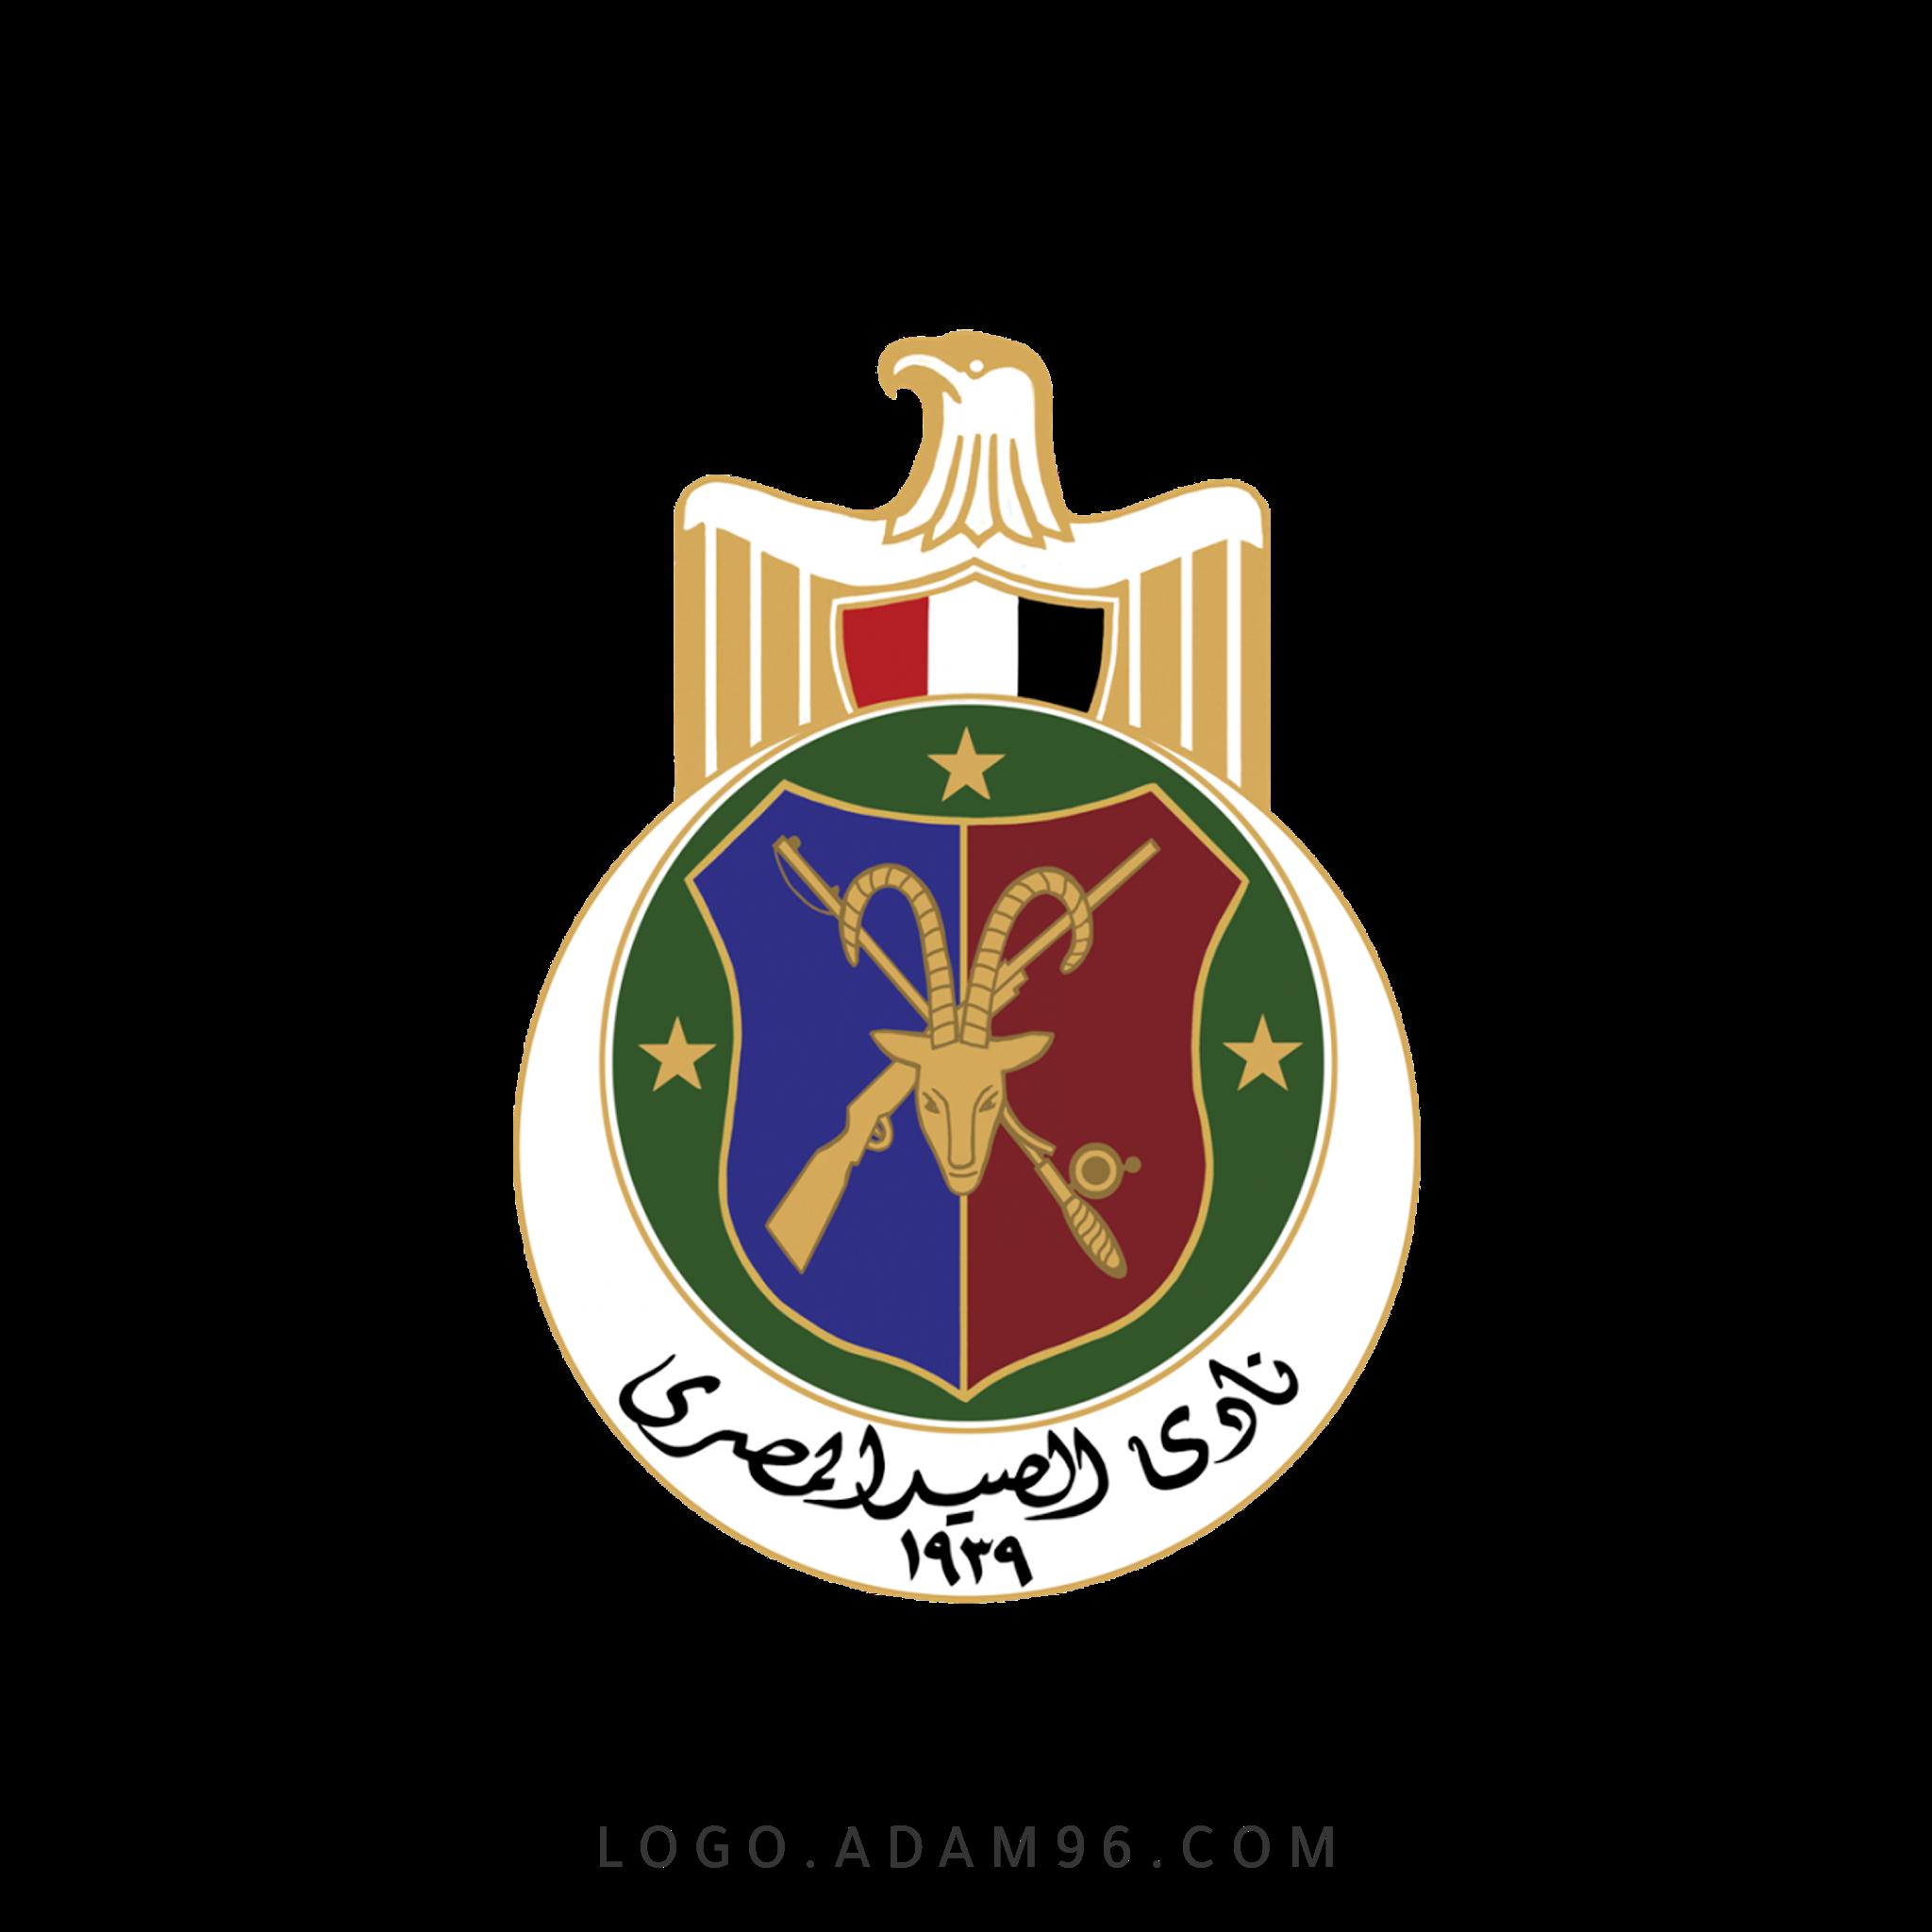 تحميل شعار نادى الصيد المصرى لوجو رسمي بدقة عالية شفاف PNG